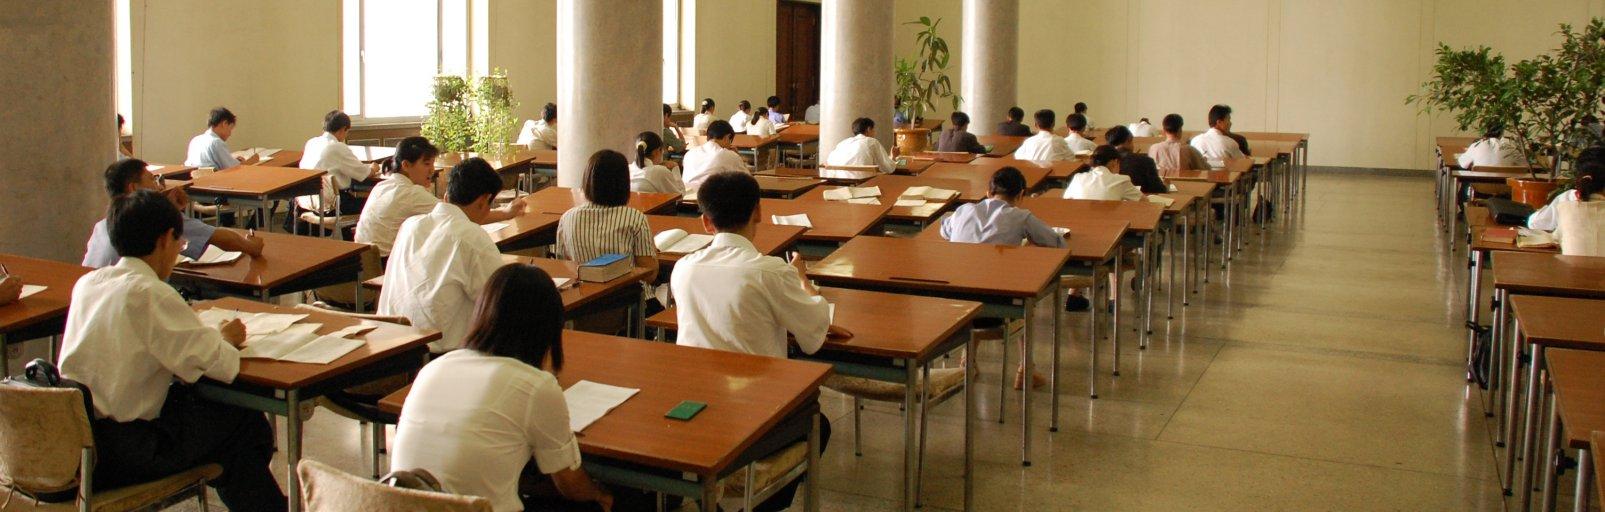 Система освіти на Альфа Центаврі або університет не зробить тебе розумнішим feature image